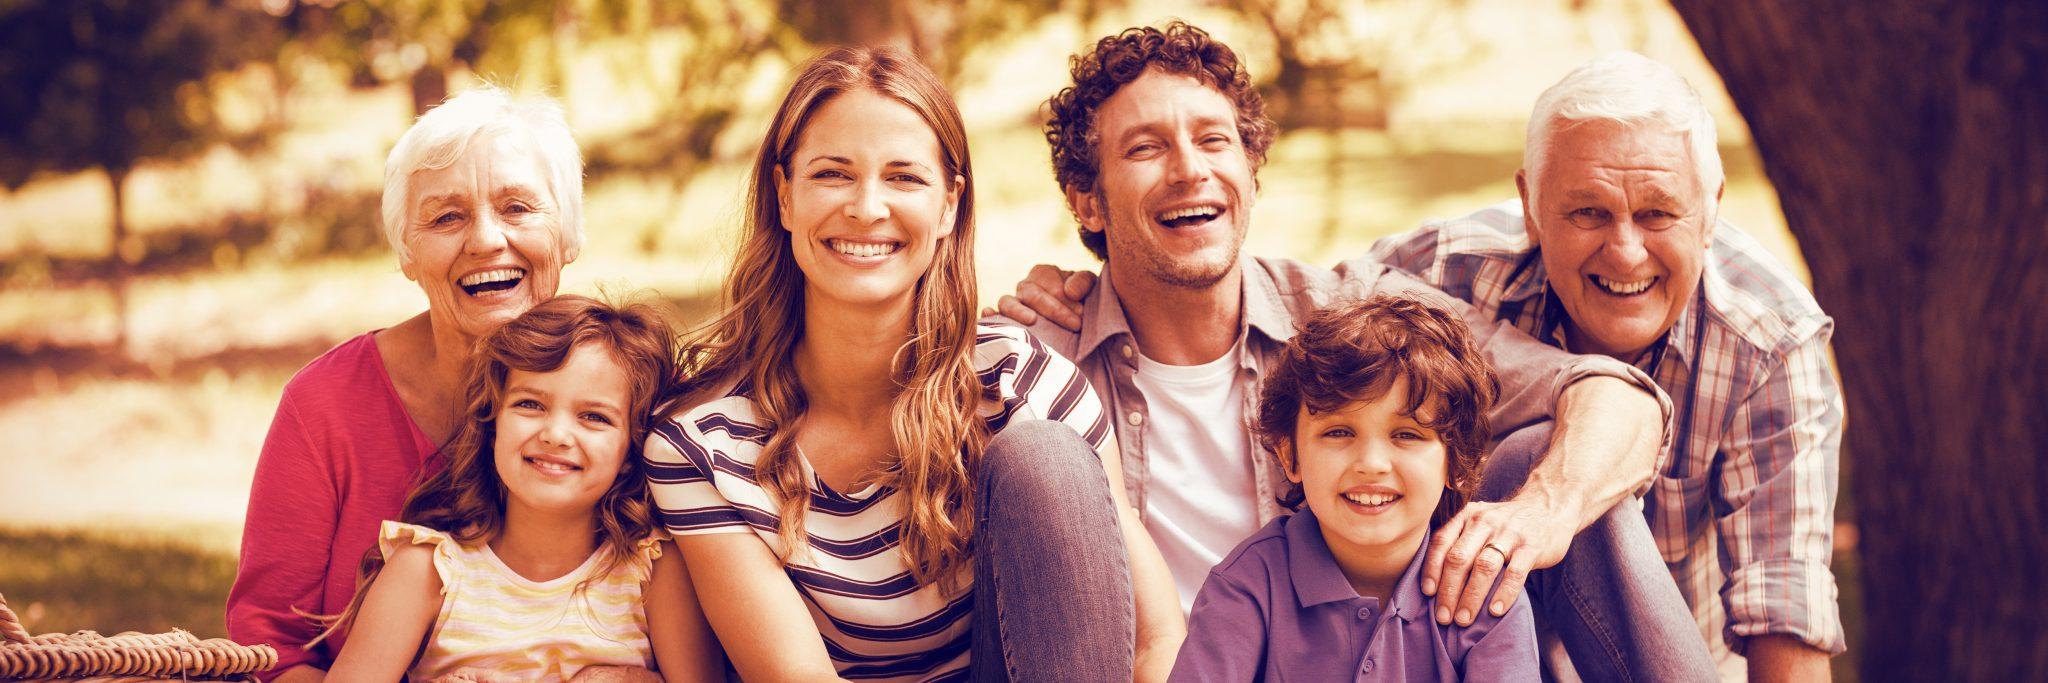 Portrait of smiling family having picnic